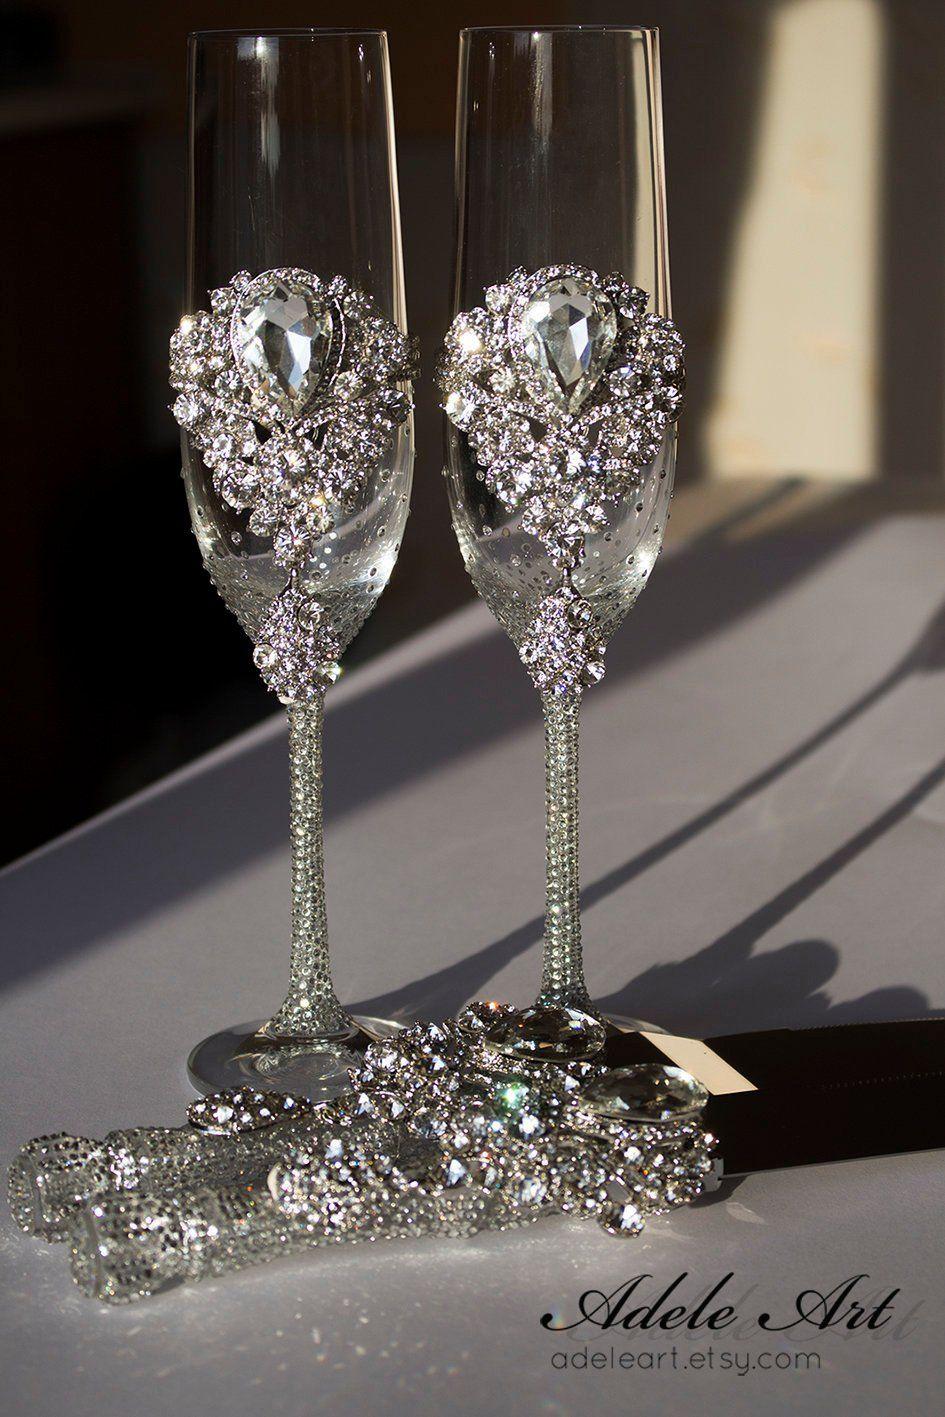 Crystal Wedding, Crystal clear Rhinestones Wedding Flutes